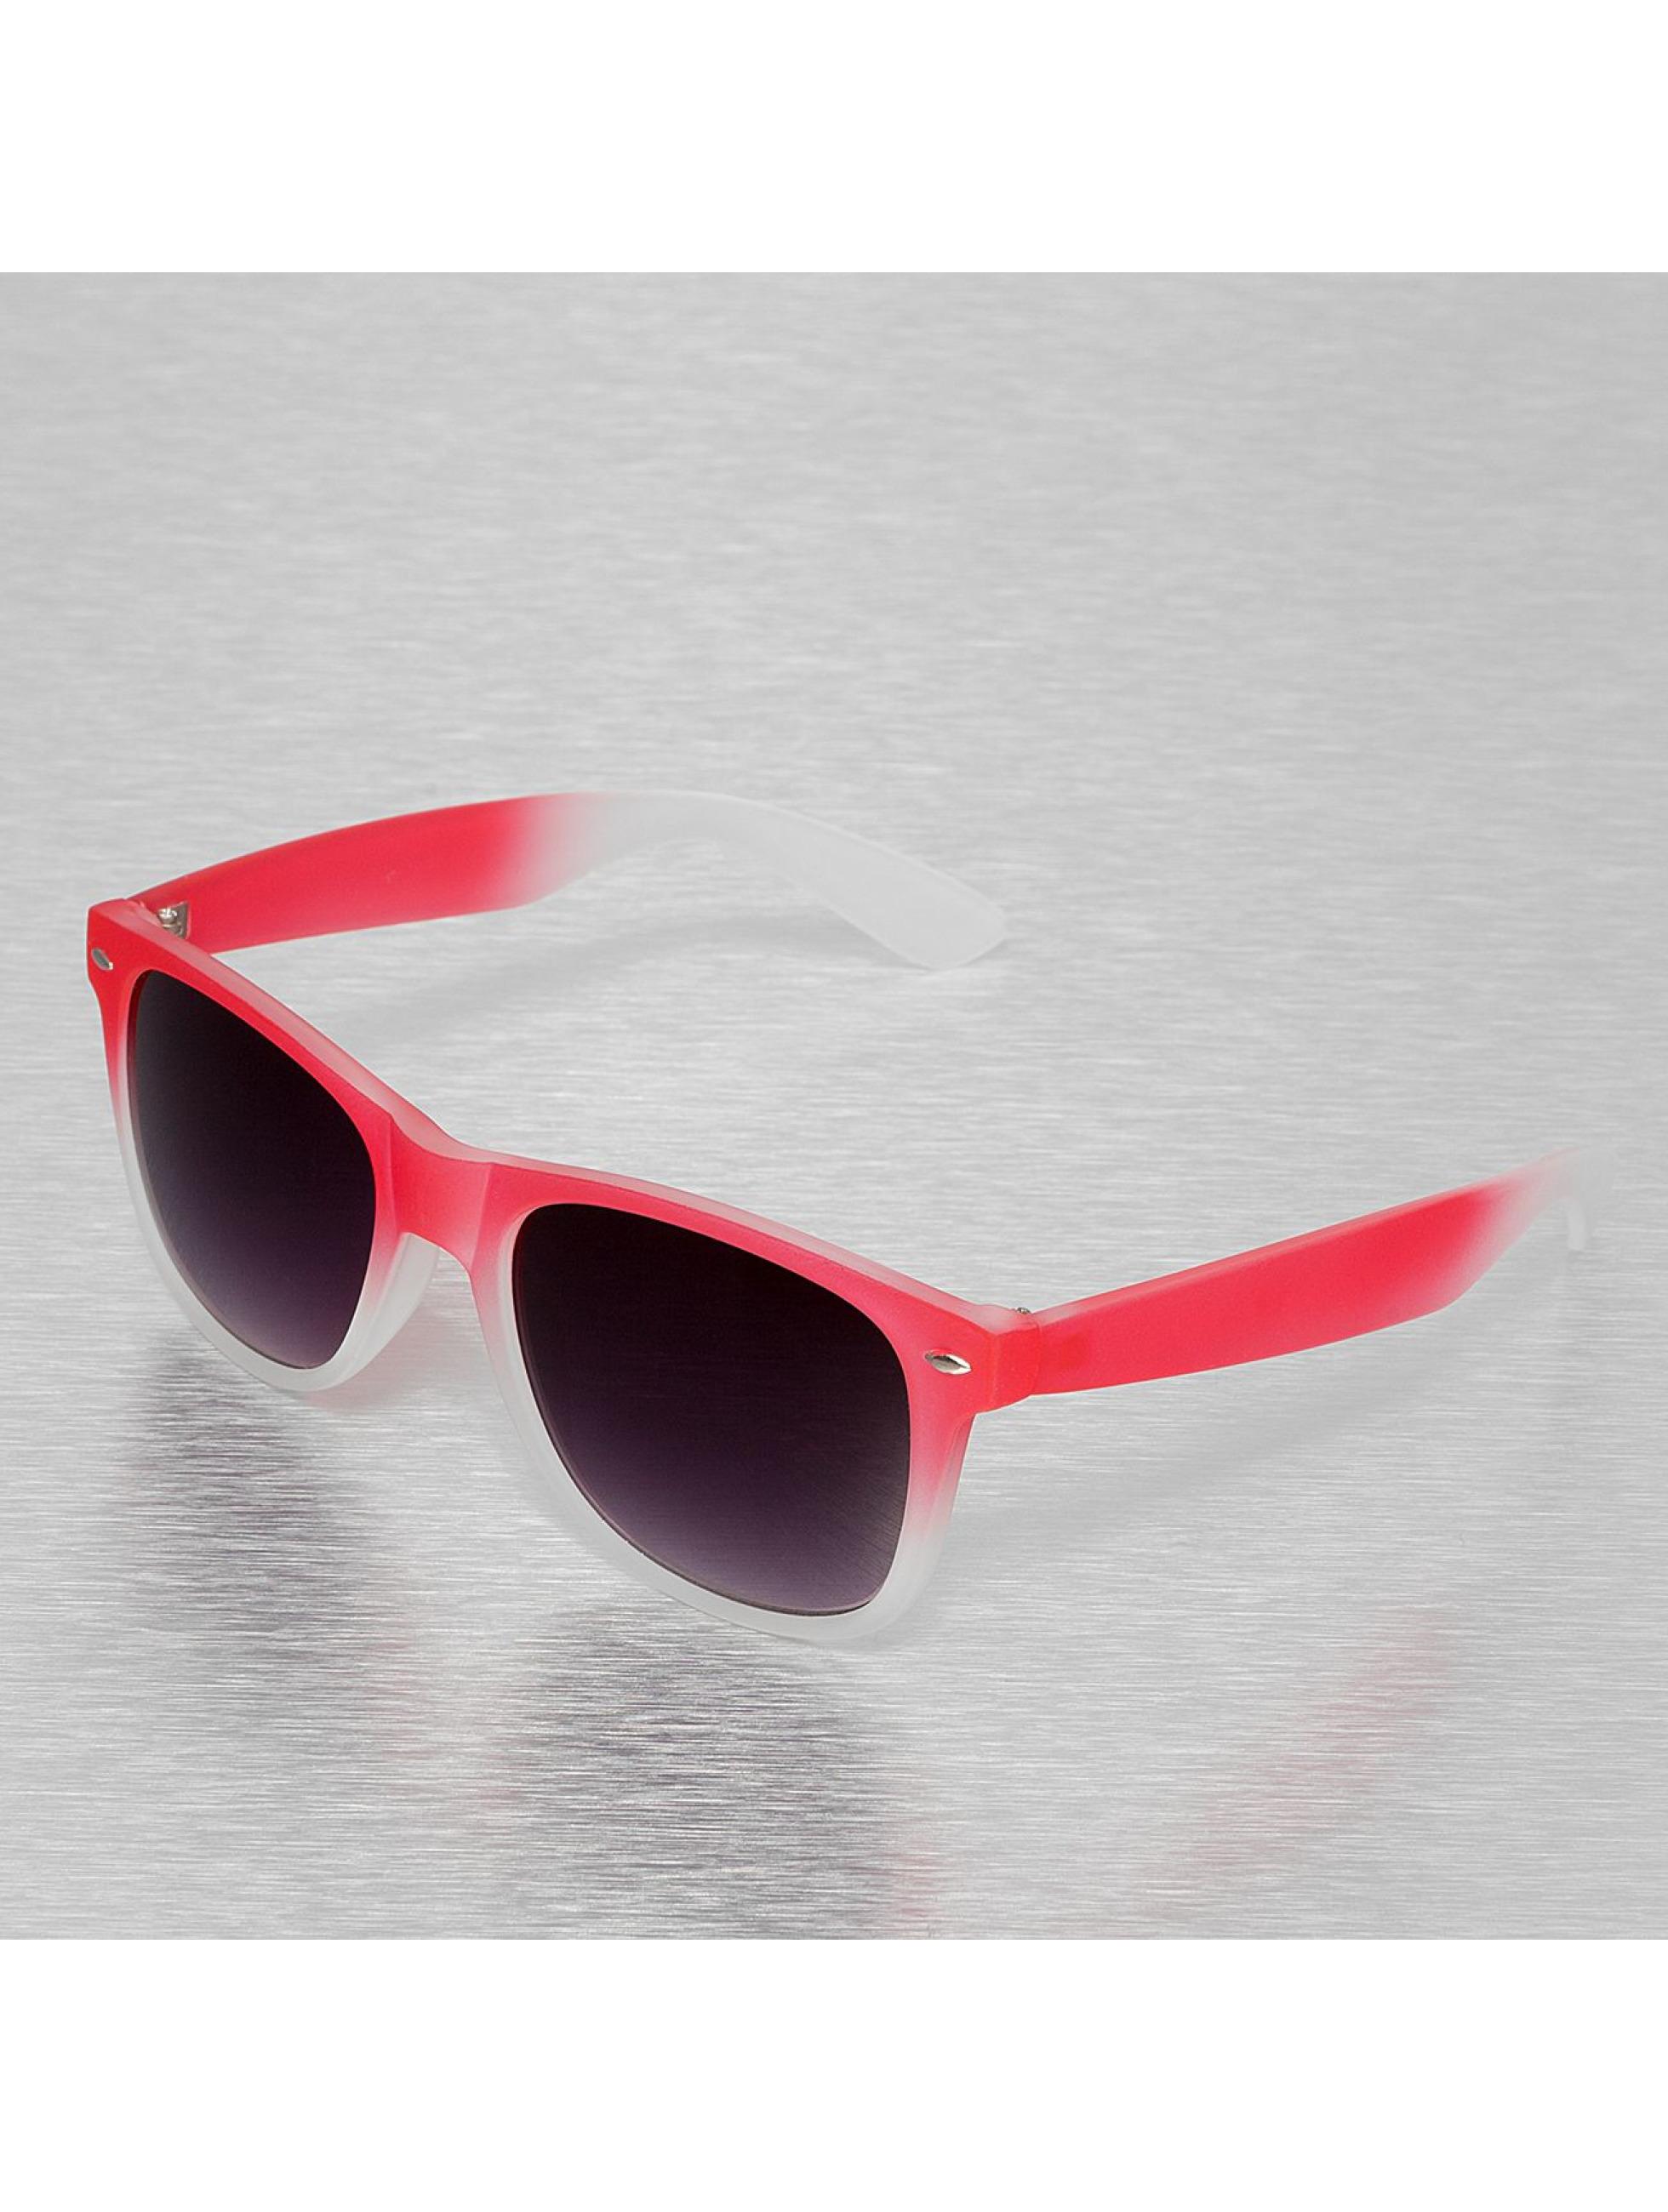 MSTRDS Sonnenbrille Likoma rot